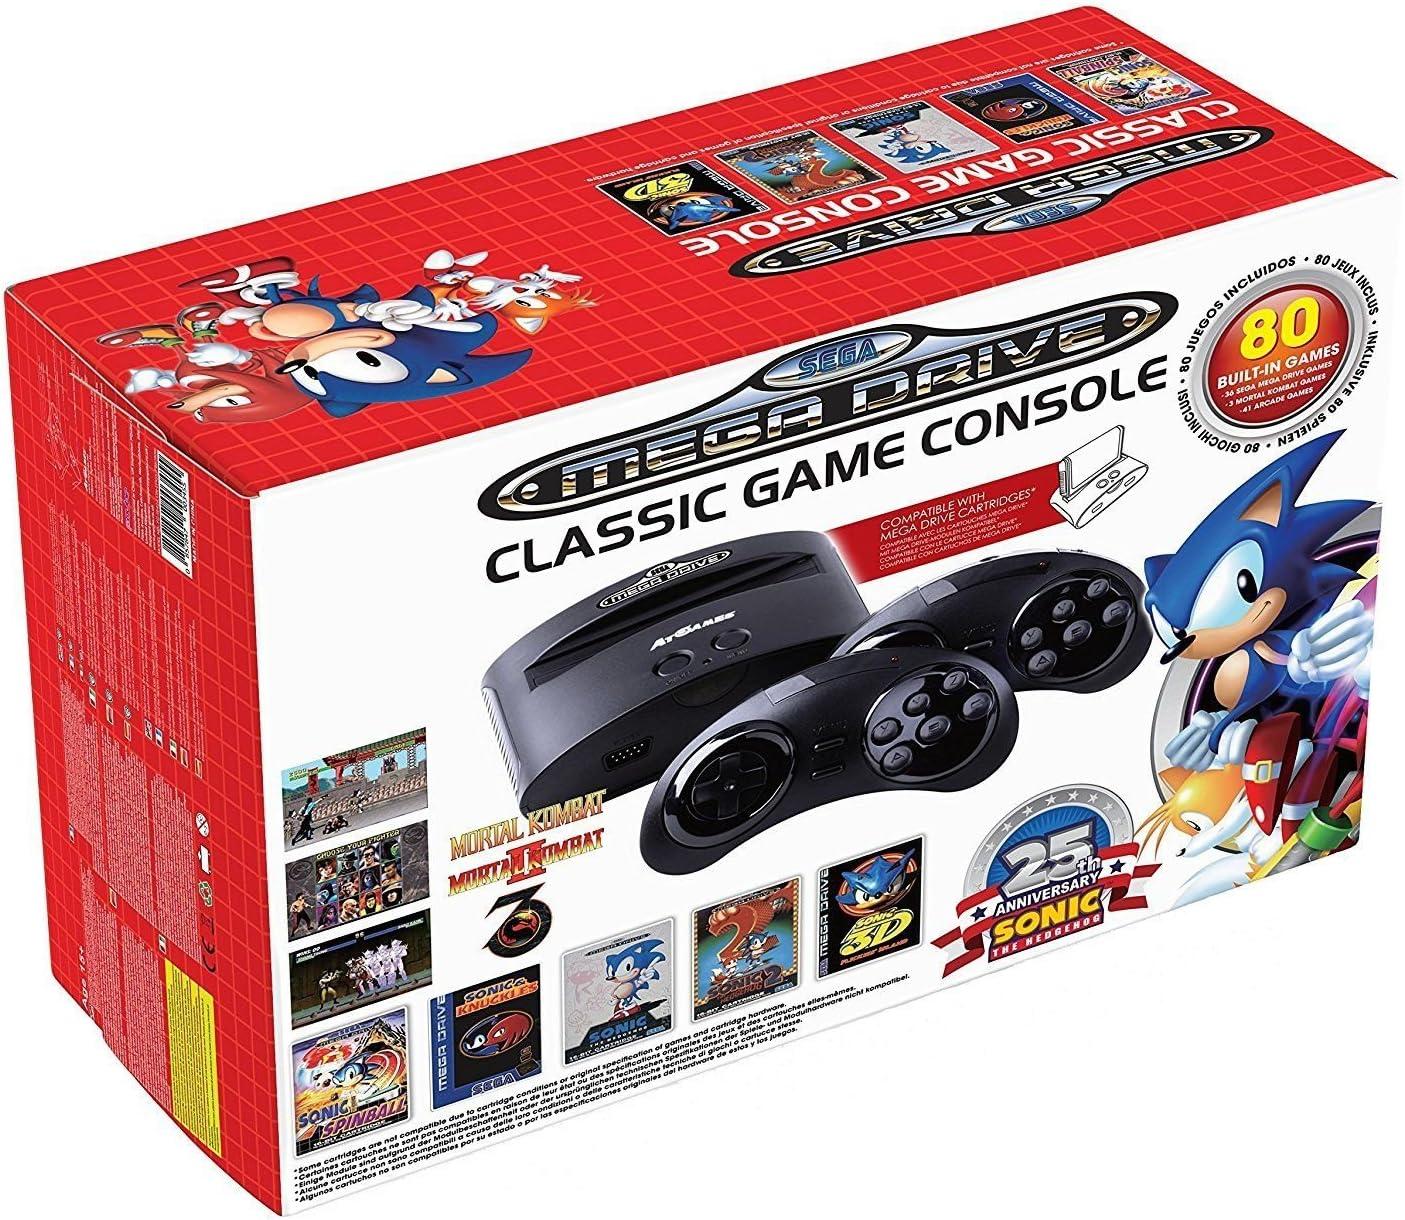 AtGames Sega Genesis Classic Game Console Image 1